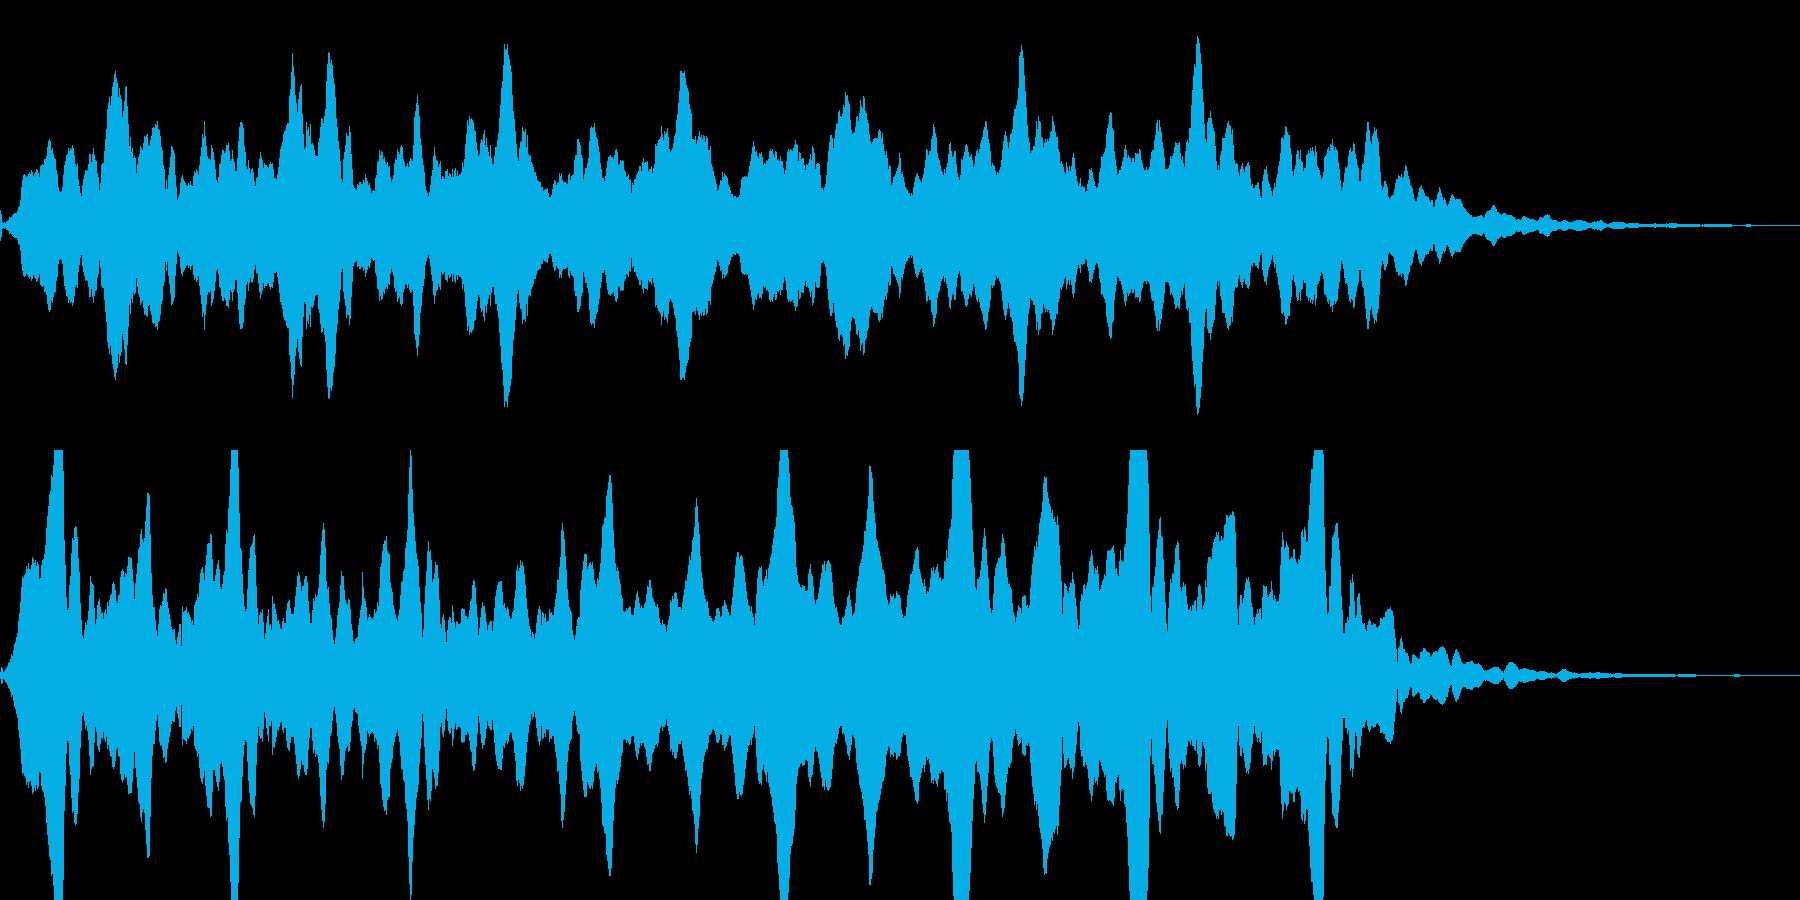 サイレン(警報・アラーム)の再生済みの波形